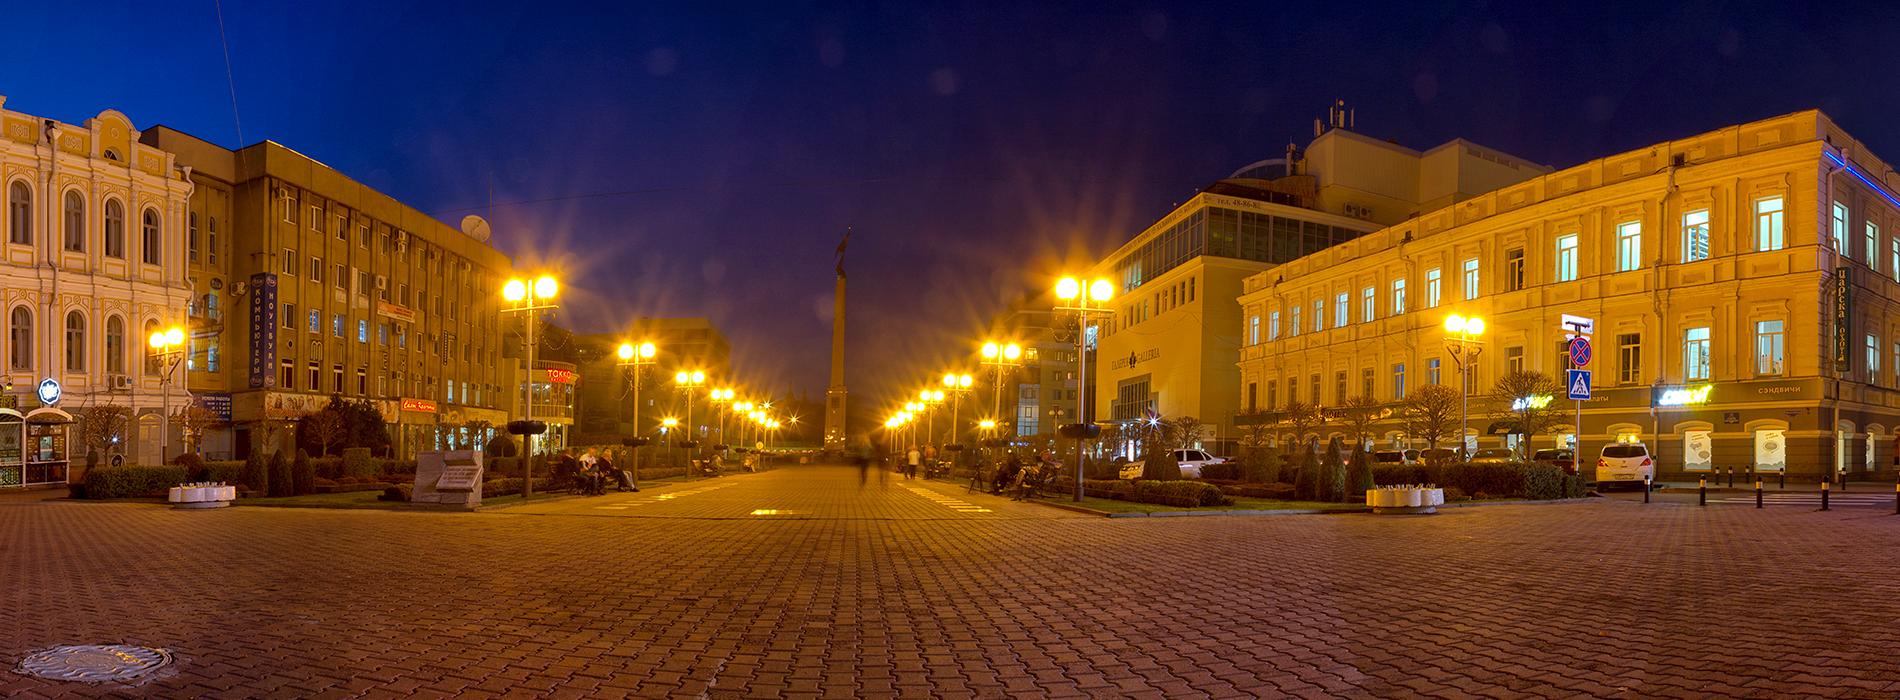 Авиабилеты Москва — Ставрополь, купить билеты на самолет туда и обратно, цены и расписание рейсов